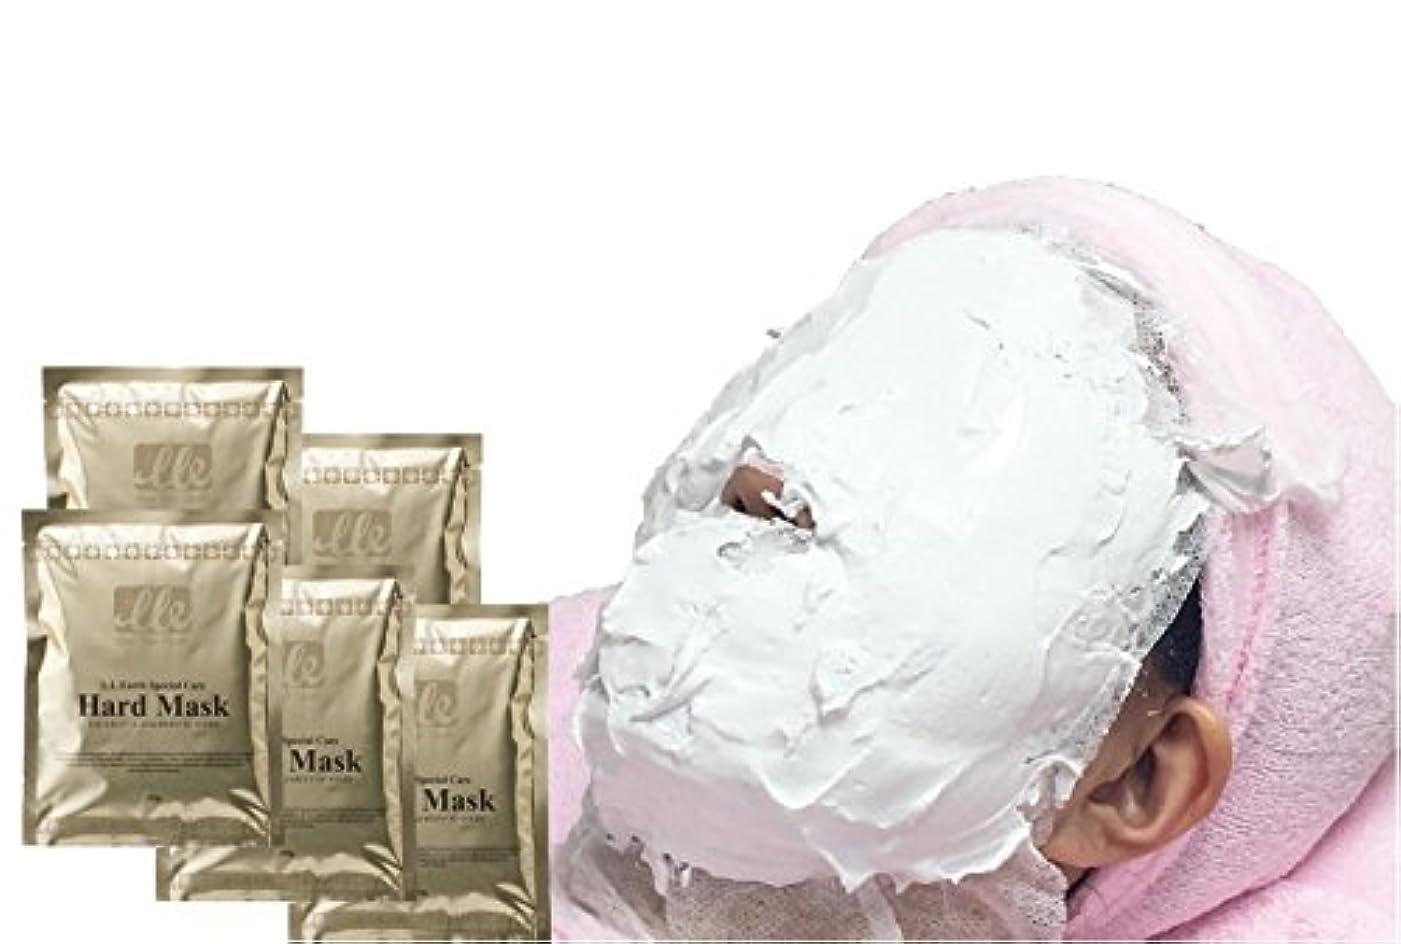 小麦エンターテインメント彼女自身石膏パック 「Hard Mask」5回分(250g×5袋)/ エステ業務用